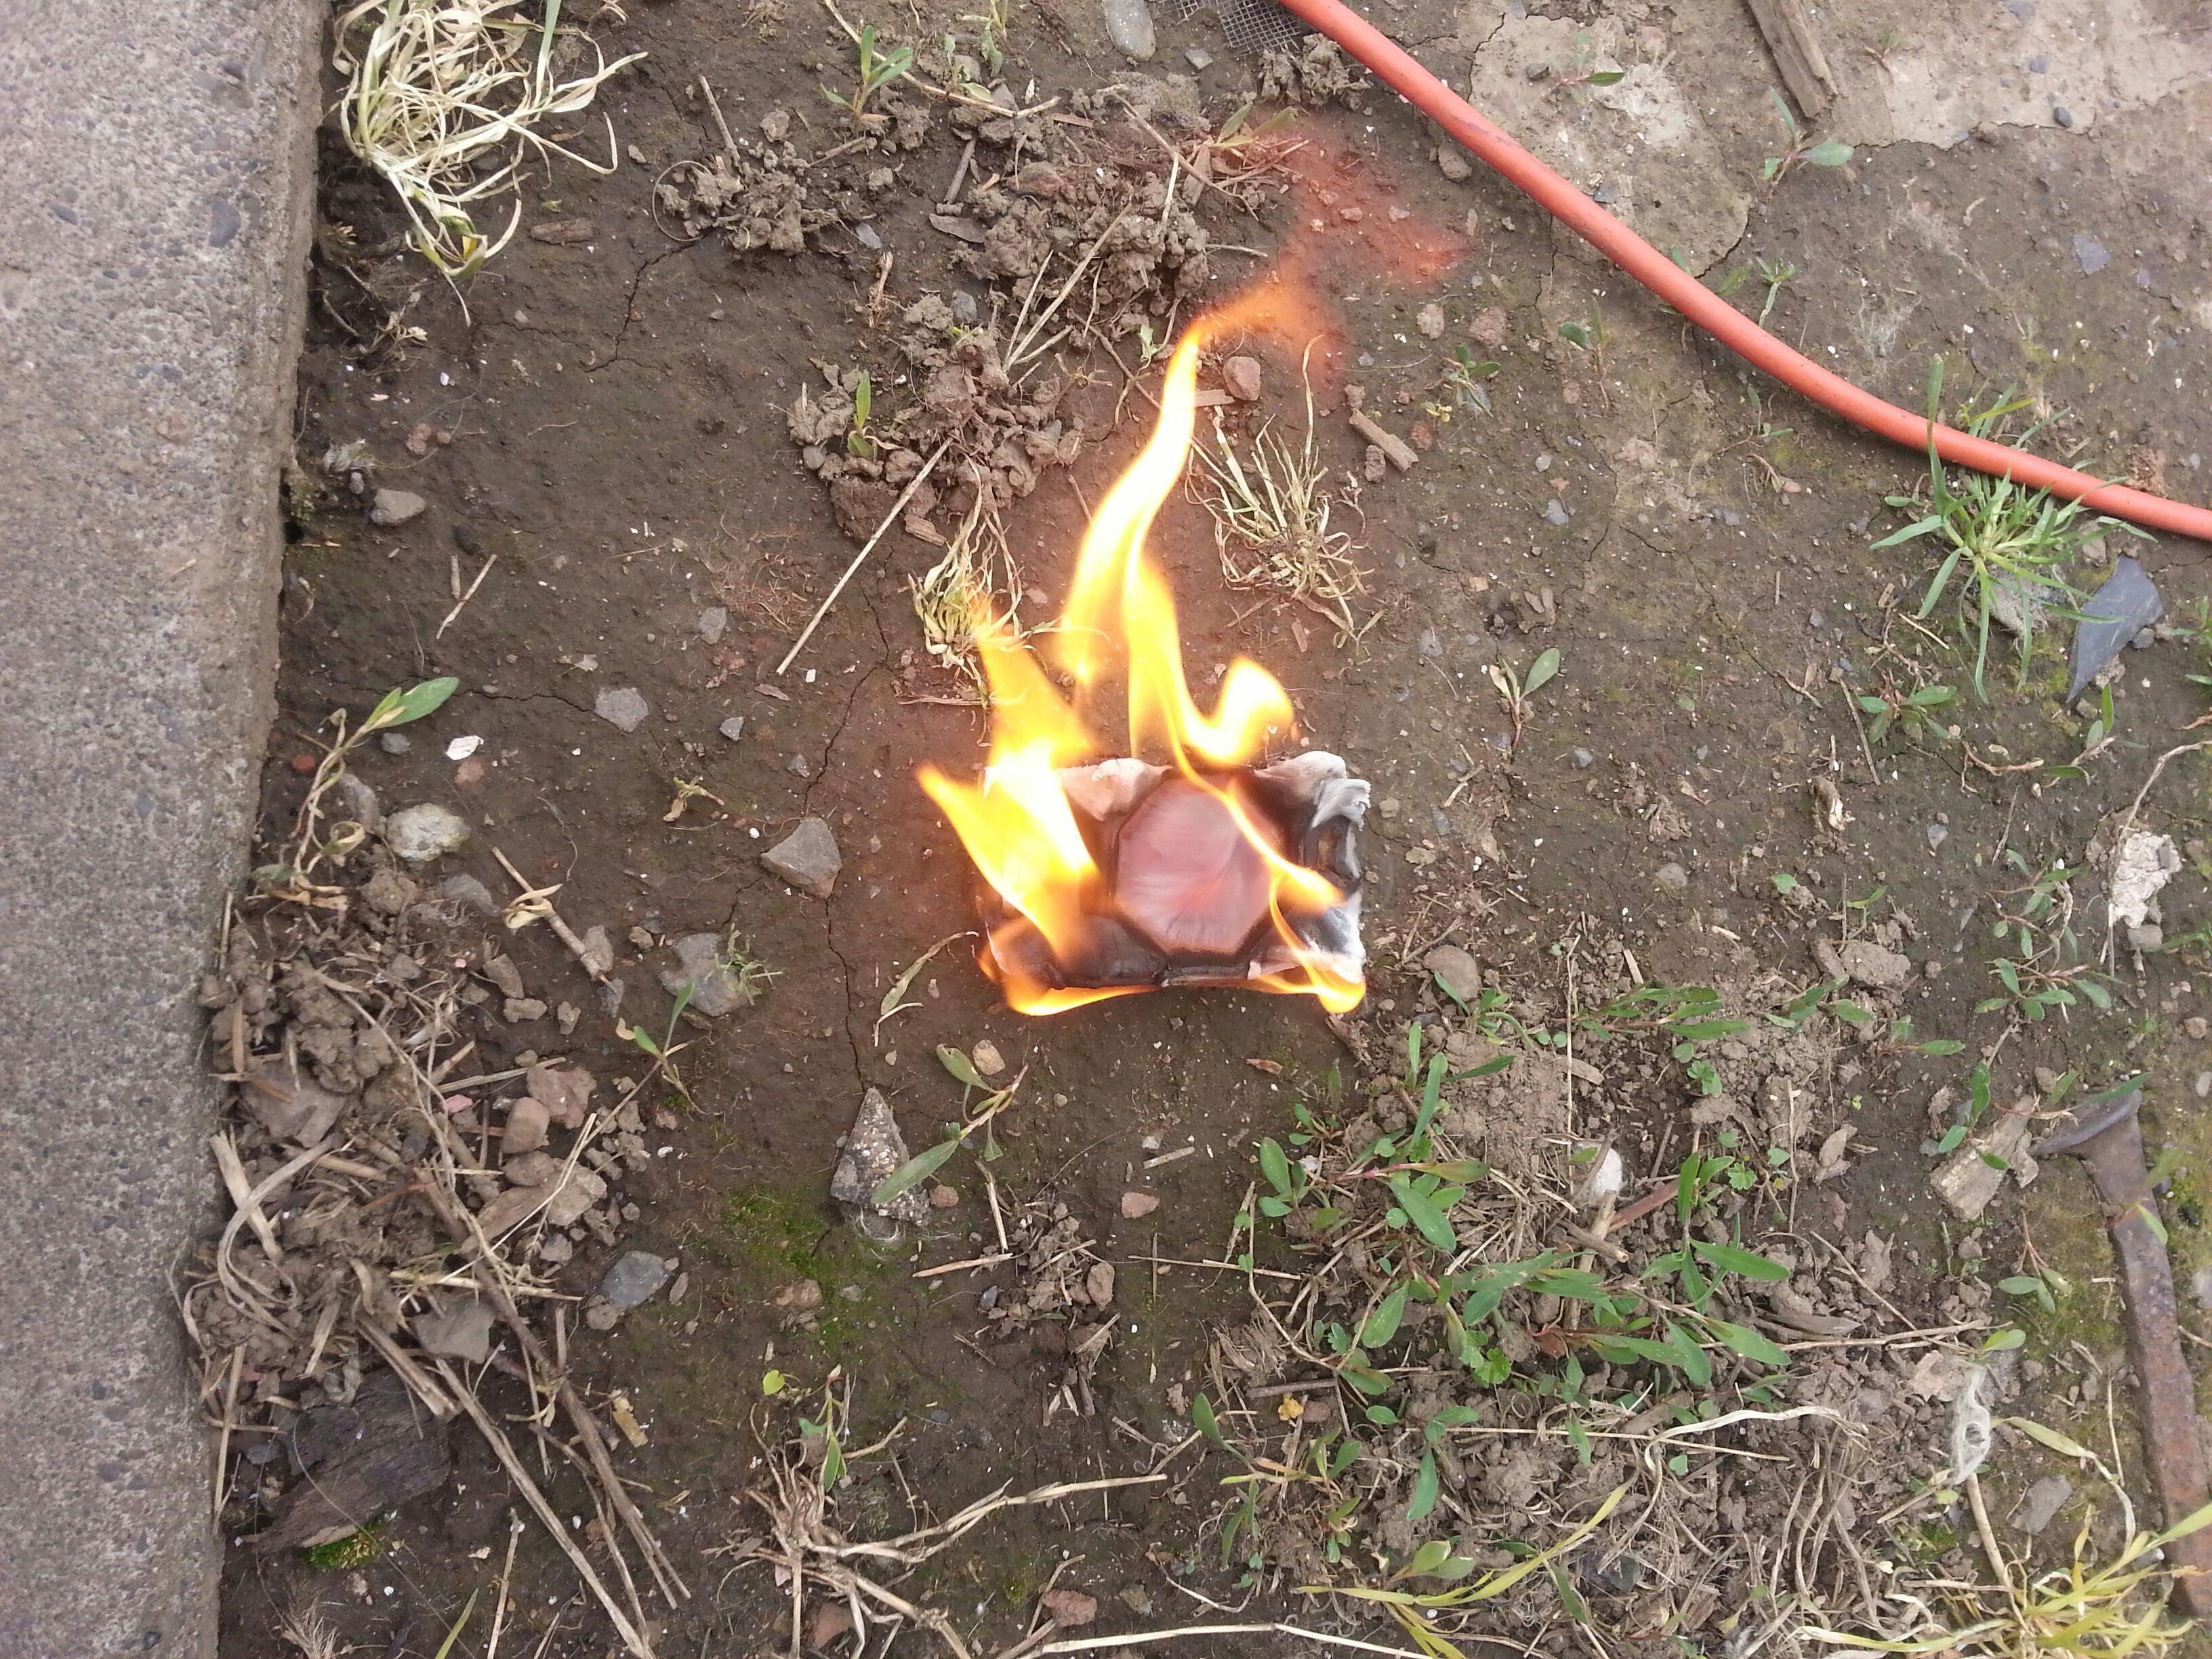 snow/waterproof firestarter